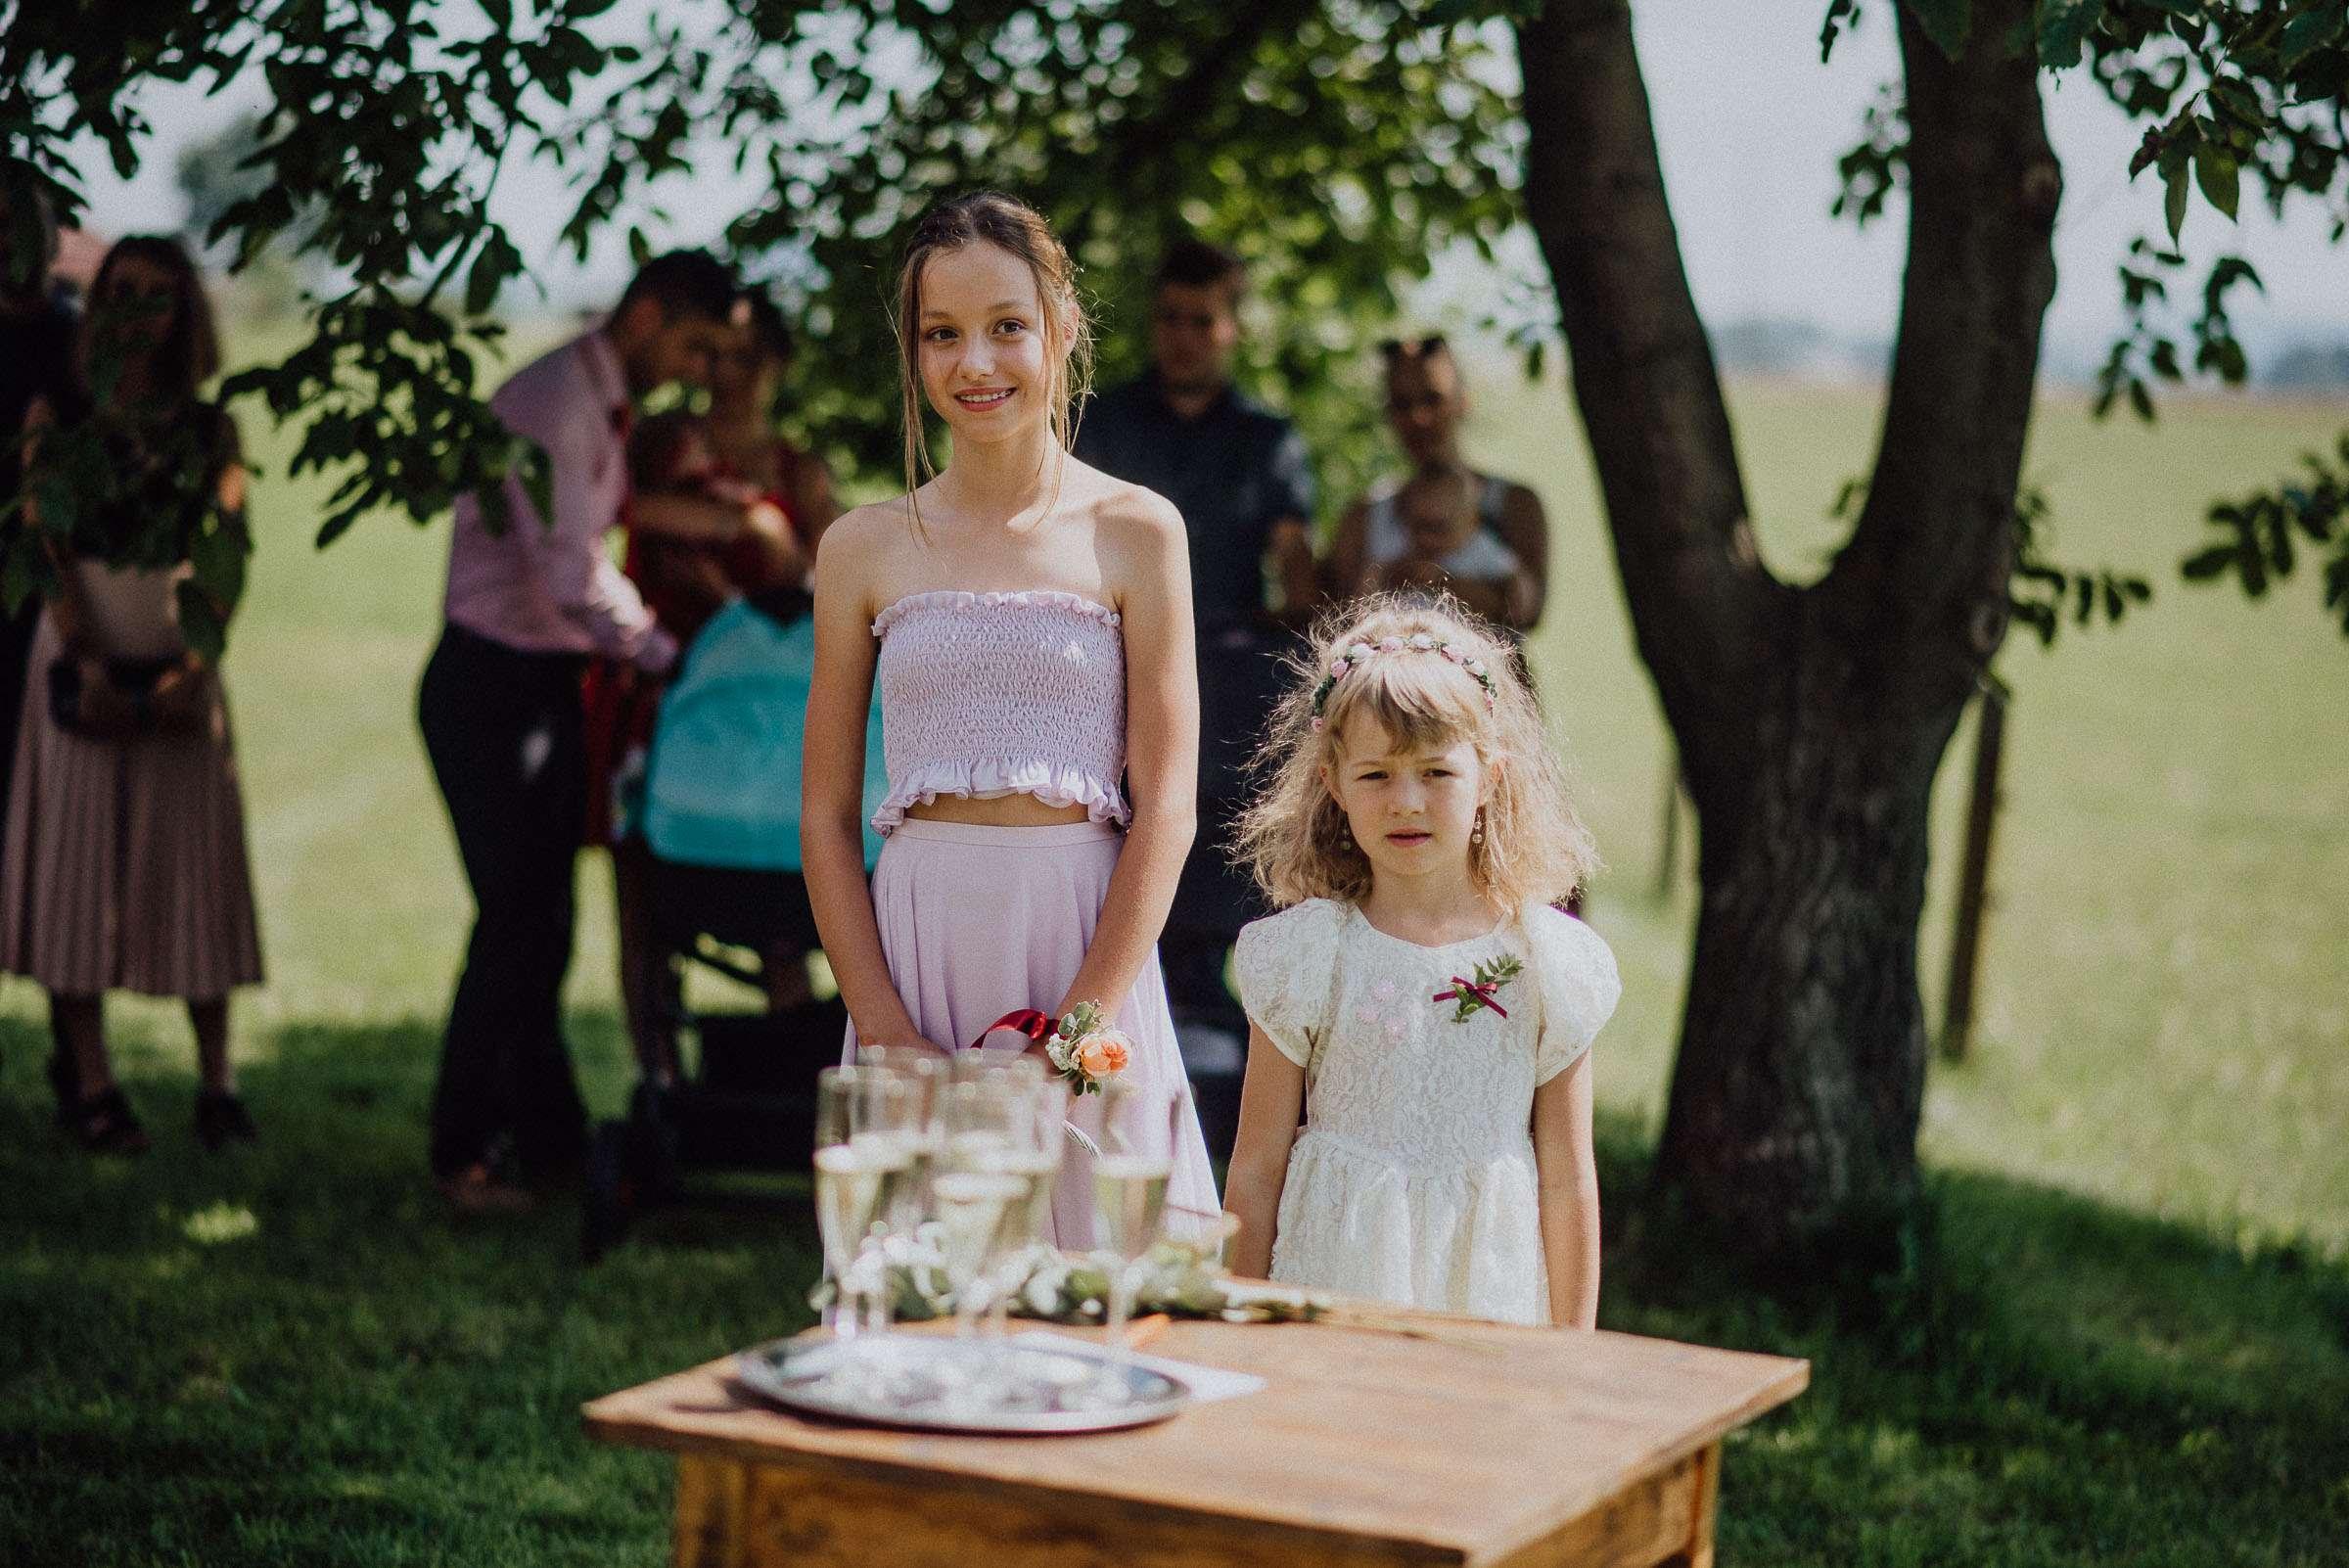 Děti přihlížejí výměně prstýnků při obřadu svatba Orlické hory